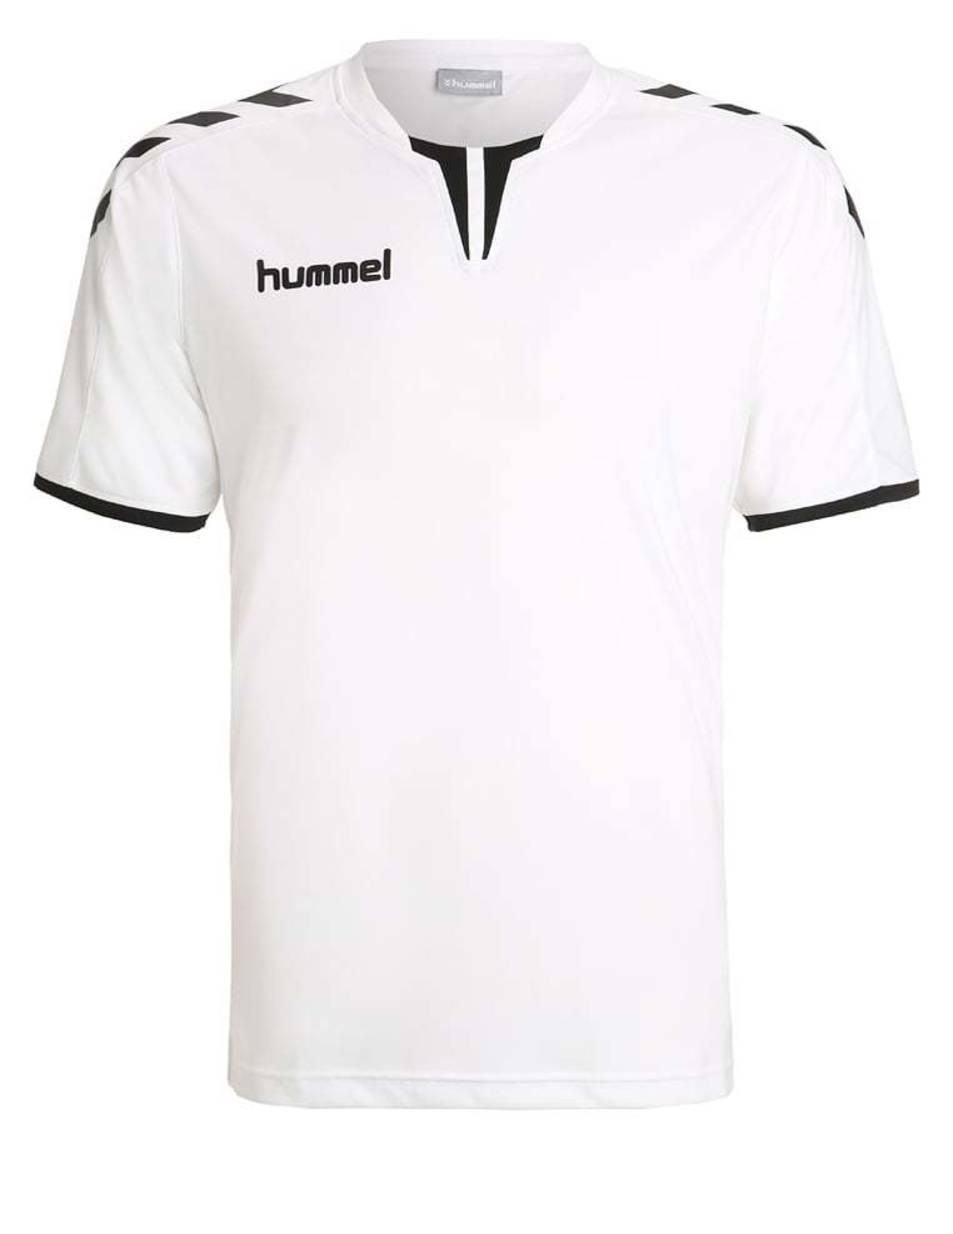 Una samarreta Hummel blanca.